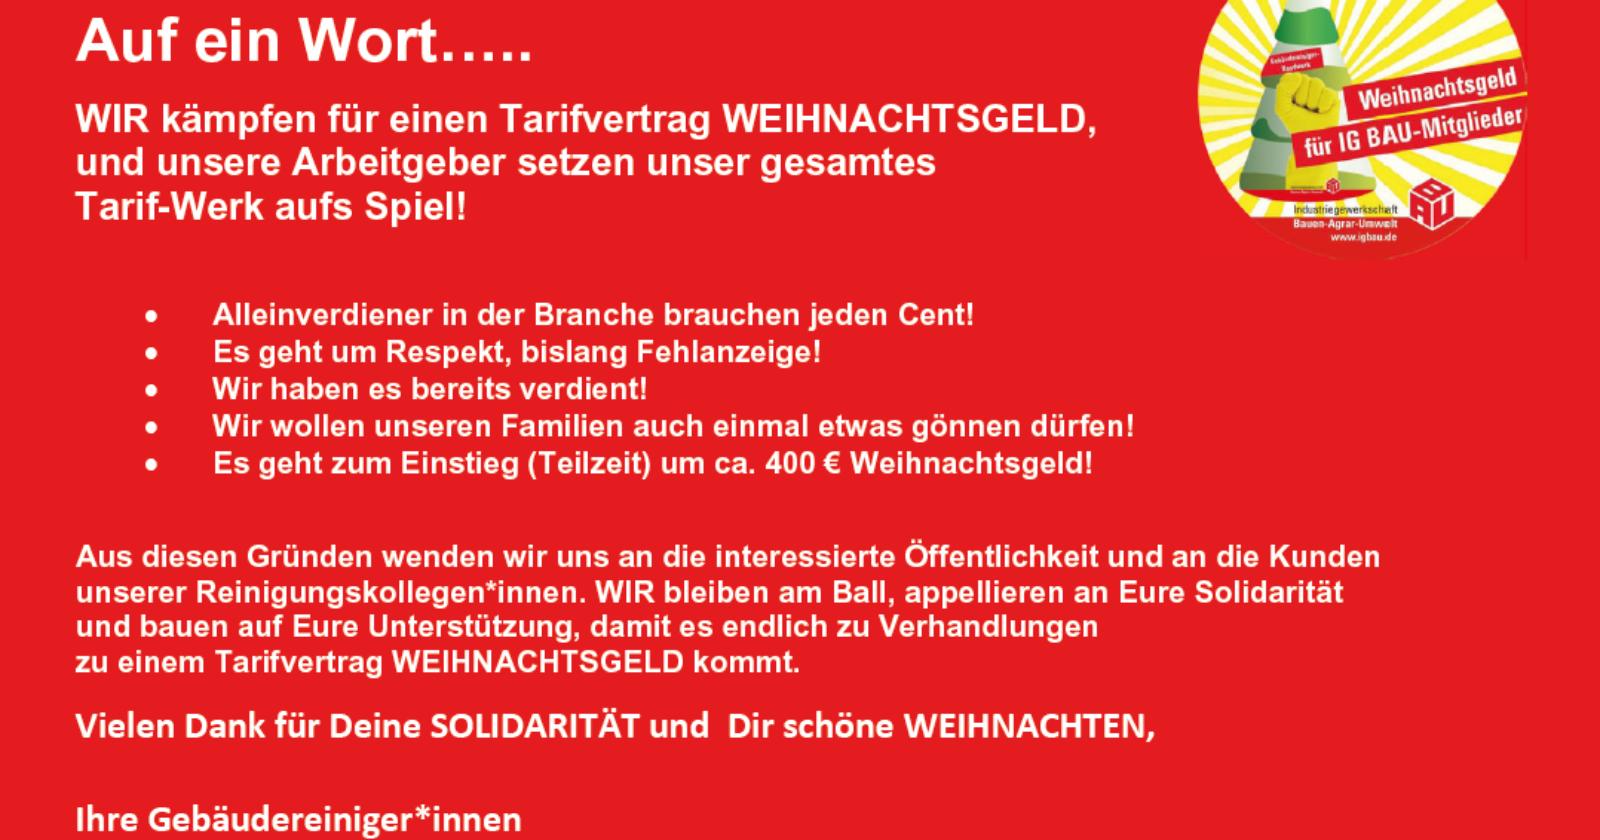 6.000 IGM-KollegInnen von VW zeigen Arbeitgebern der Gebäudereinigung die Rote Karte